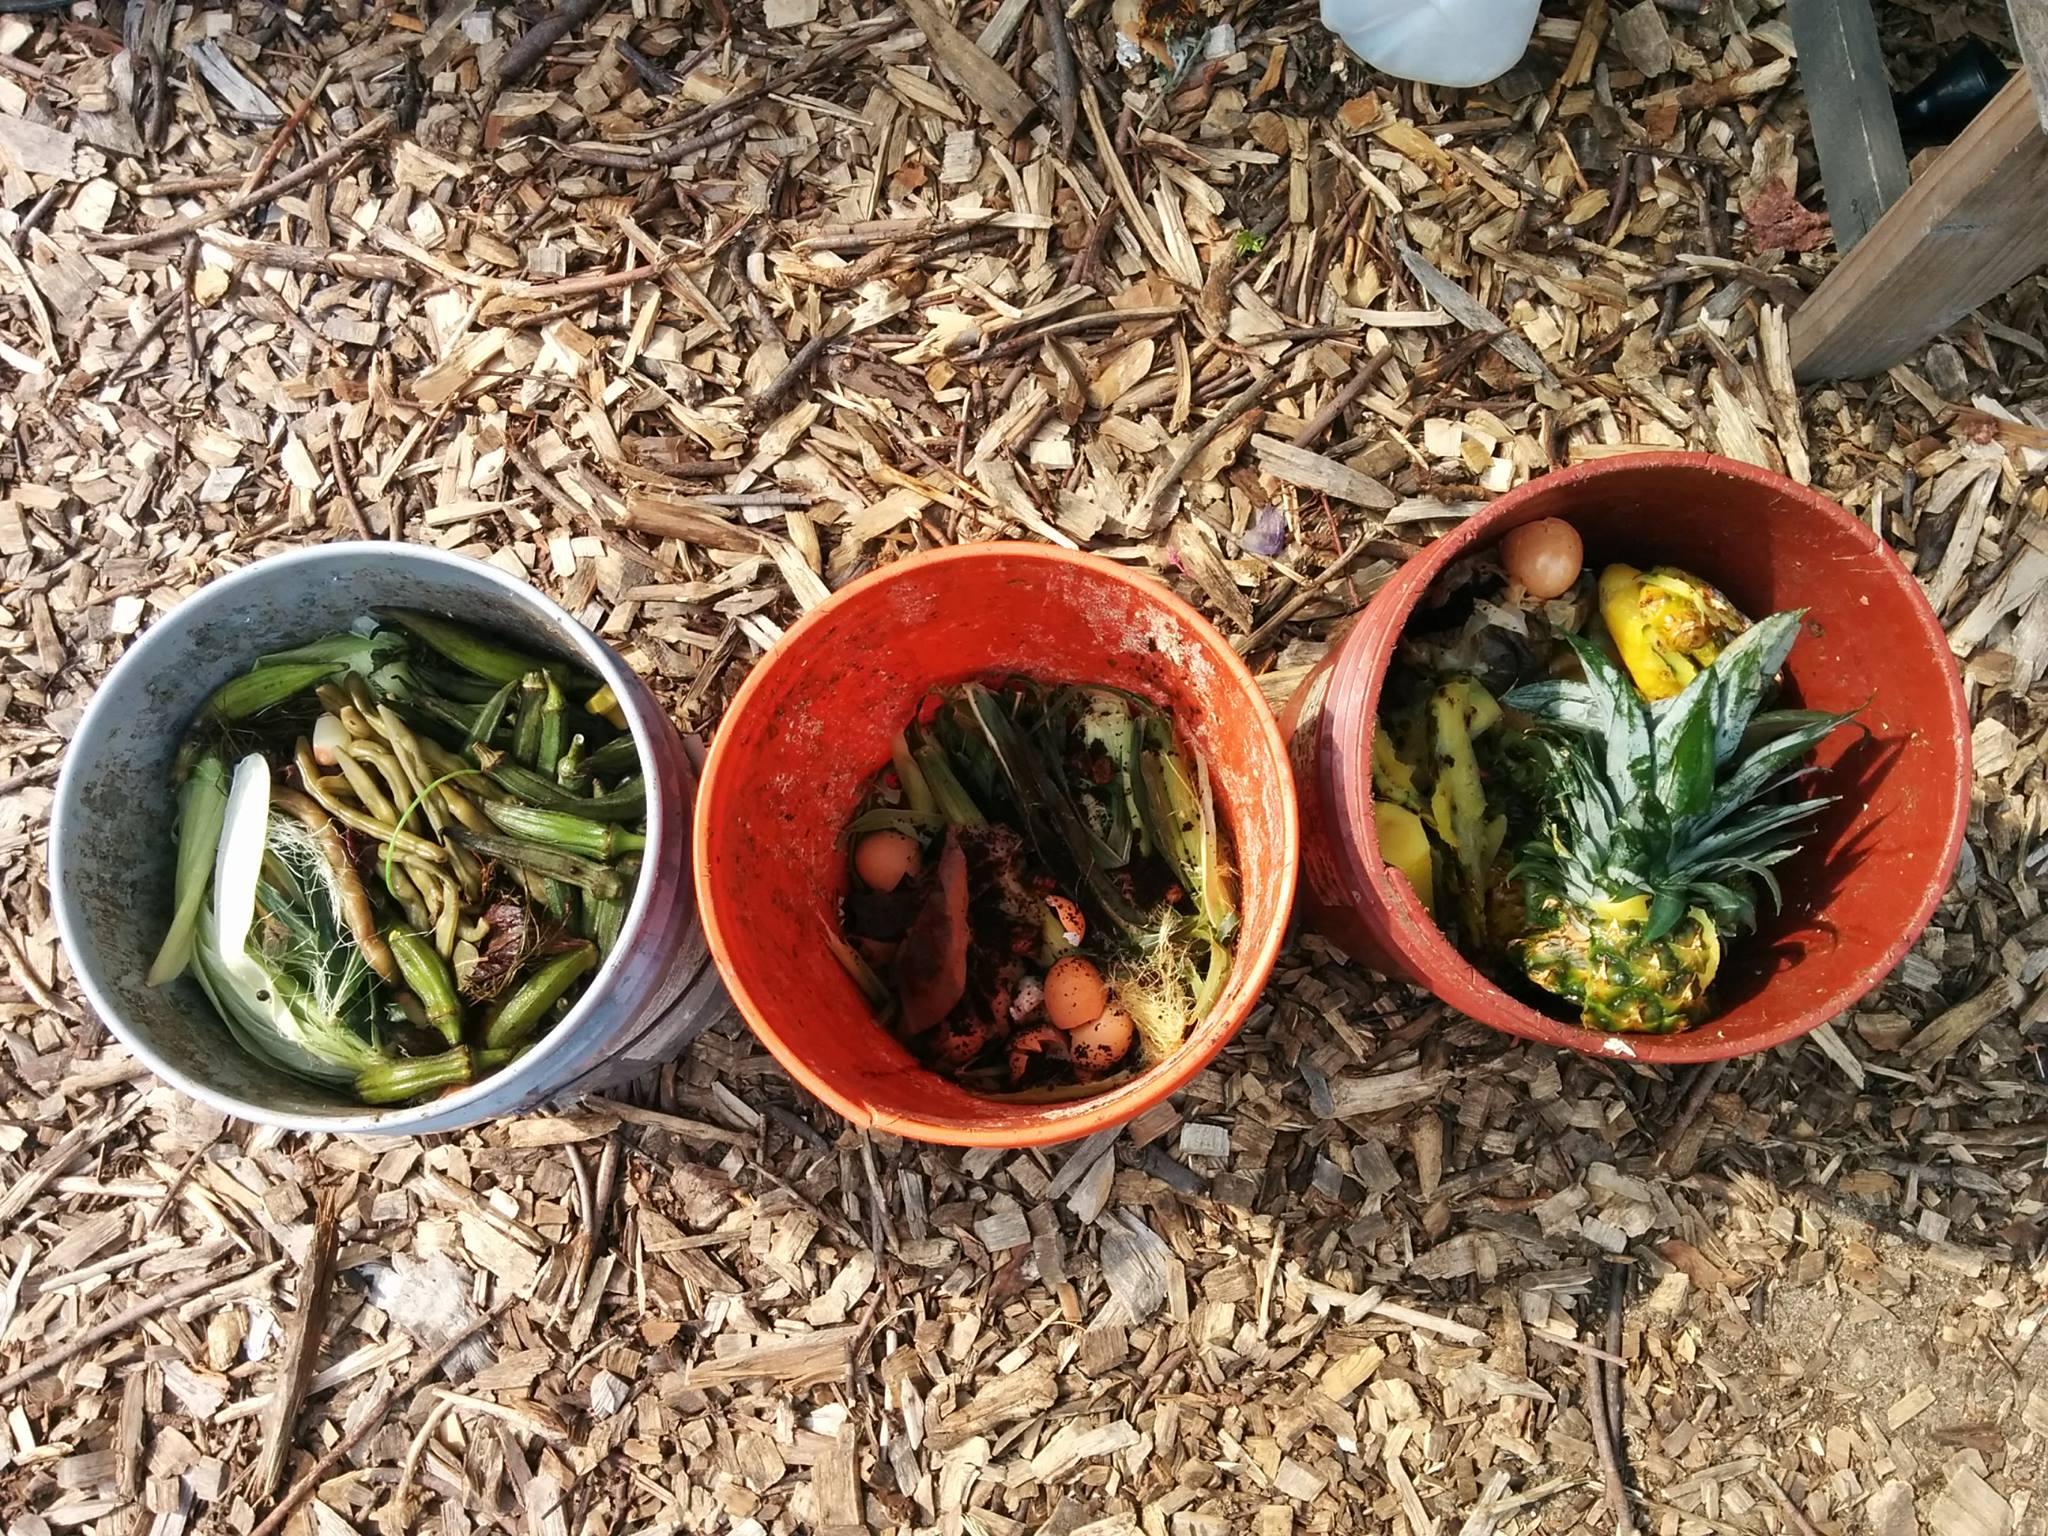 Composting – Q Gardens